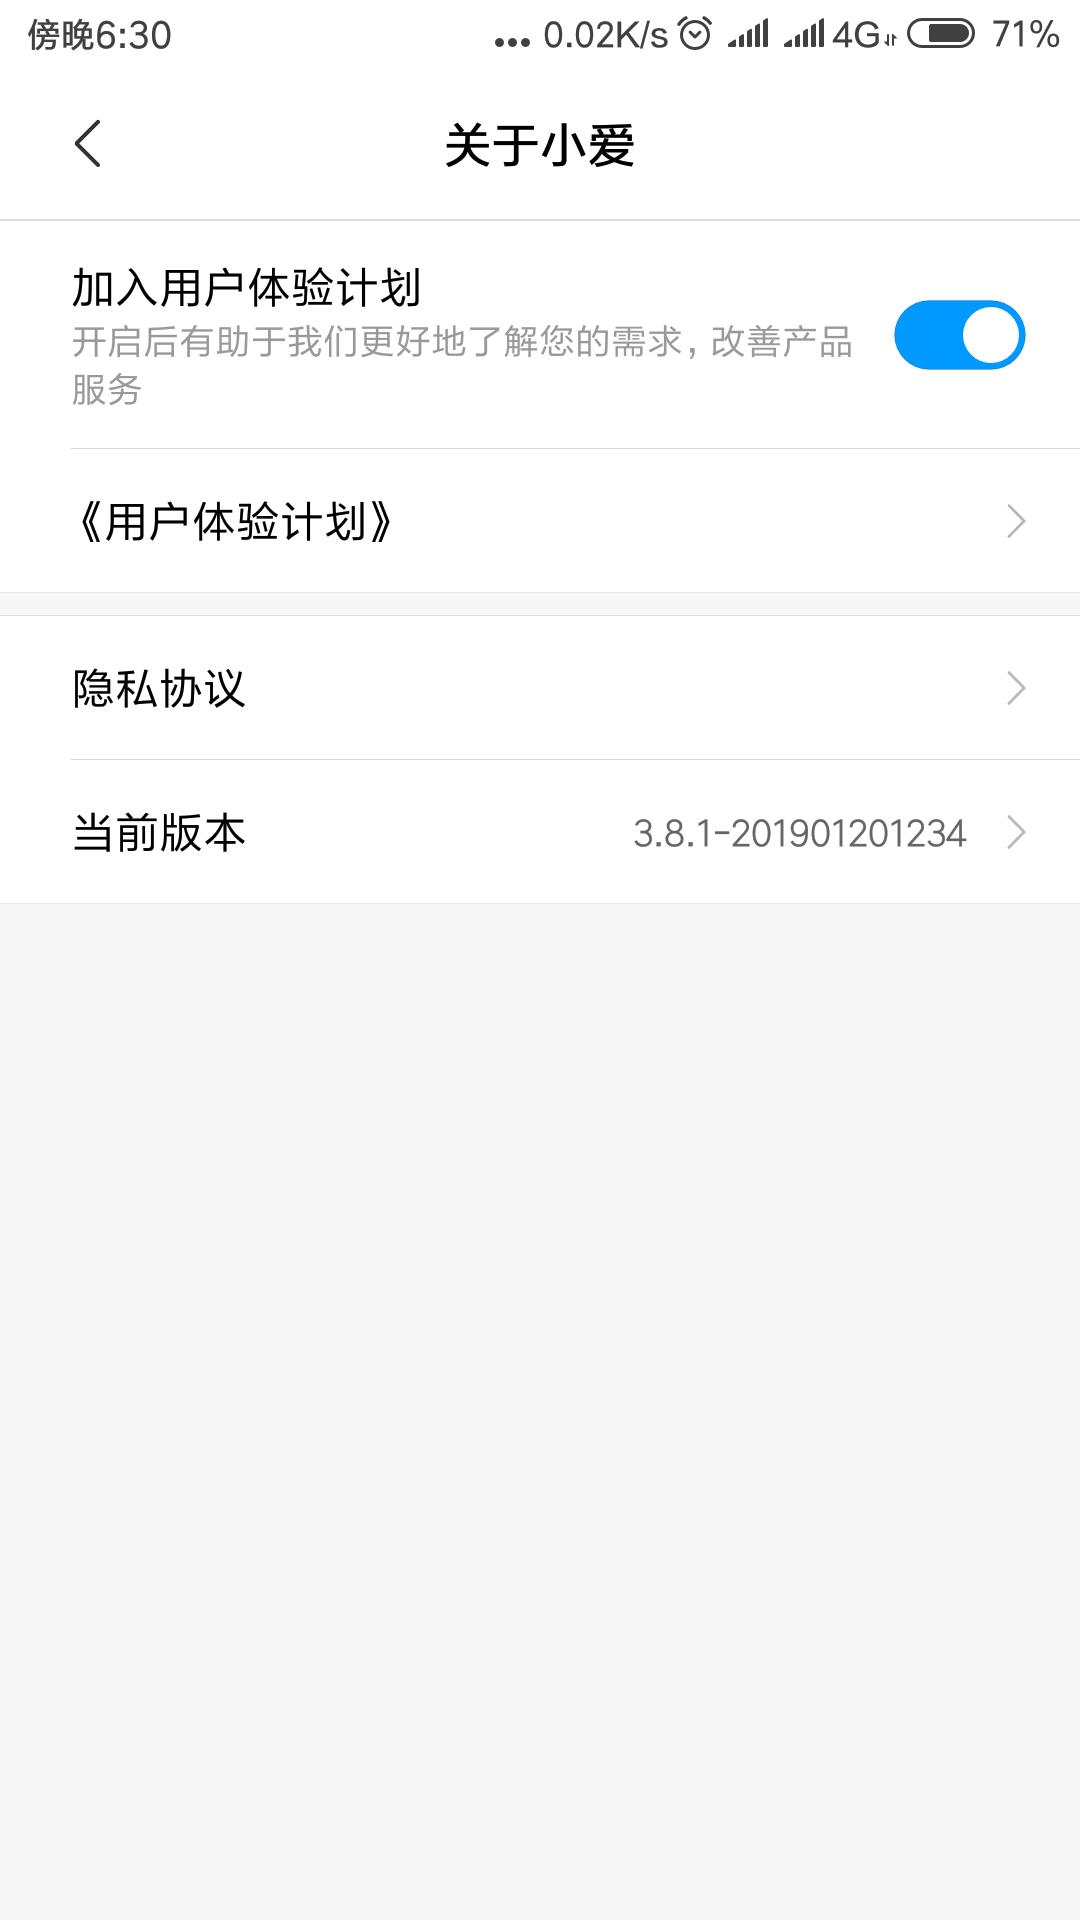 Screenshot_2019-02-28-18-30-03-446_com.miui.voiceassist.png